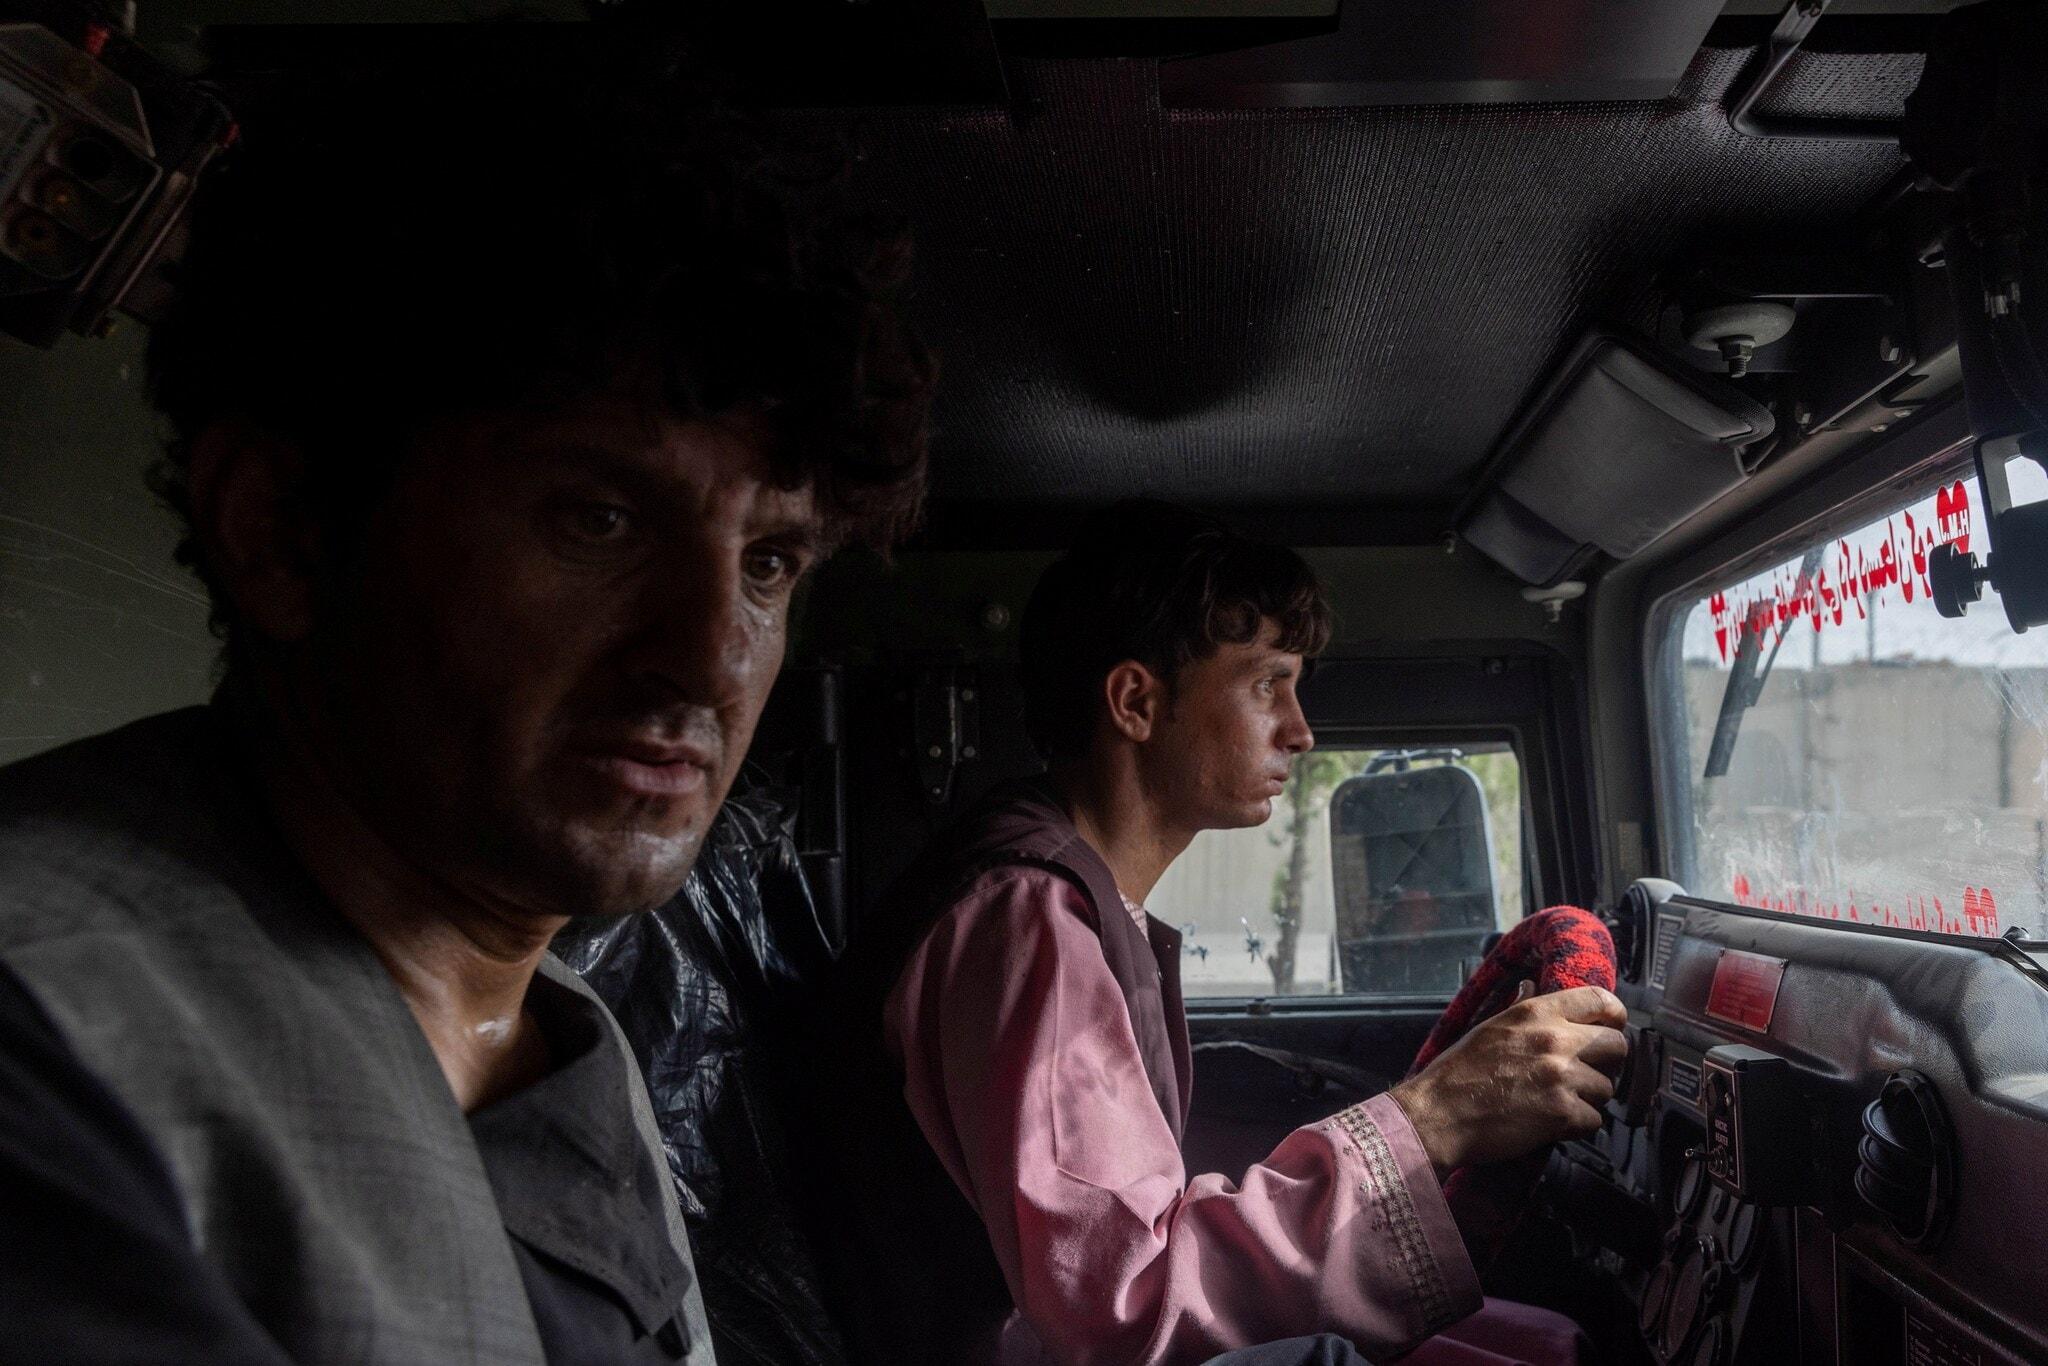 കാണ്ഡഹാറിൽ താലിബാന്റെ കൈയിൽ നിന്ന് രക്ഷപ്പെടുത്തിയ 28 കാരനായ പൊലീസുകാരൻ അഹമ്മദ് ഷാ സൈനിക വാഹനത്തിൽ . ജൂലൈ 13ന് പകര്ർത്തിയത്. (Photo: Danish Siddiqui/Reuters)